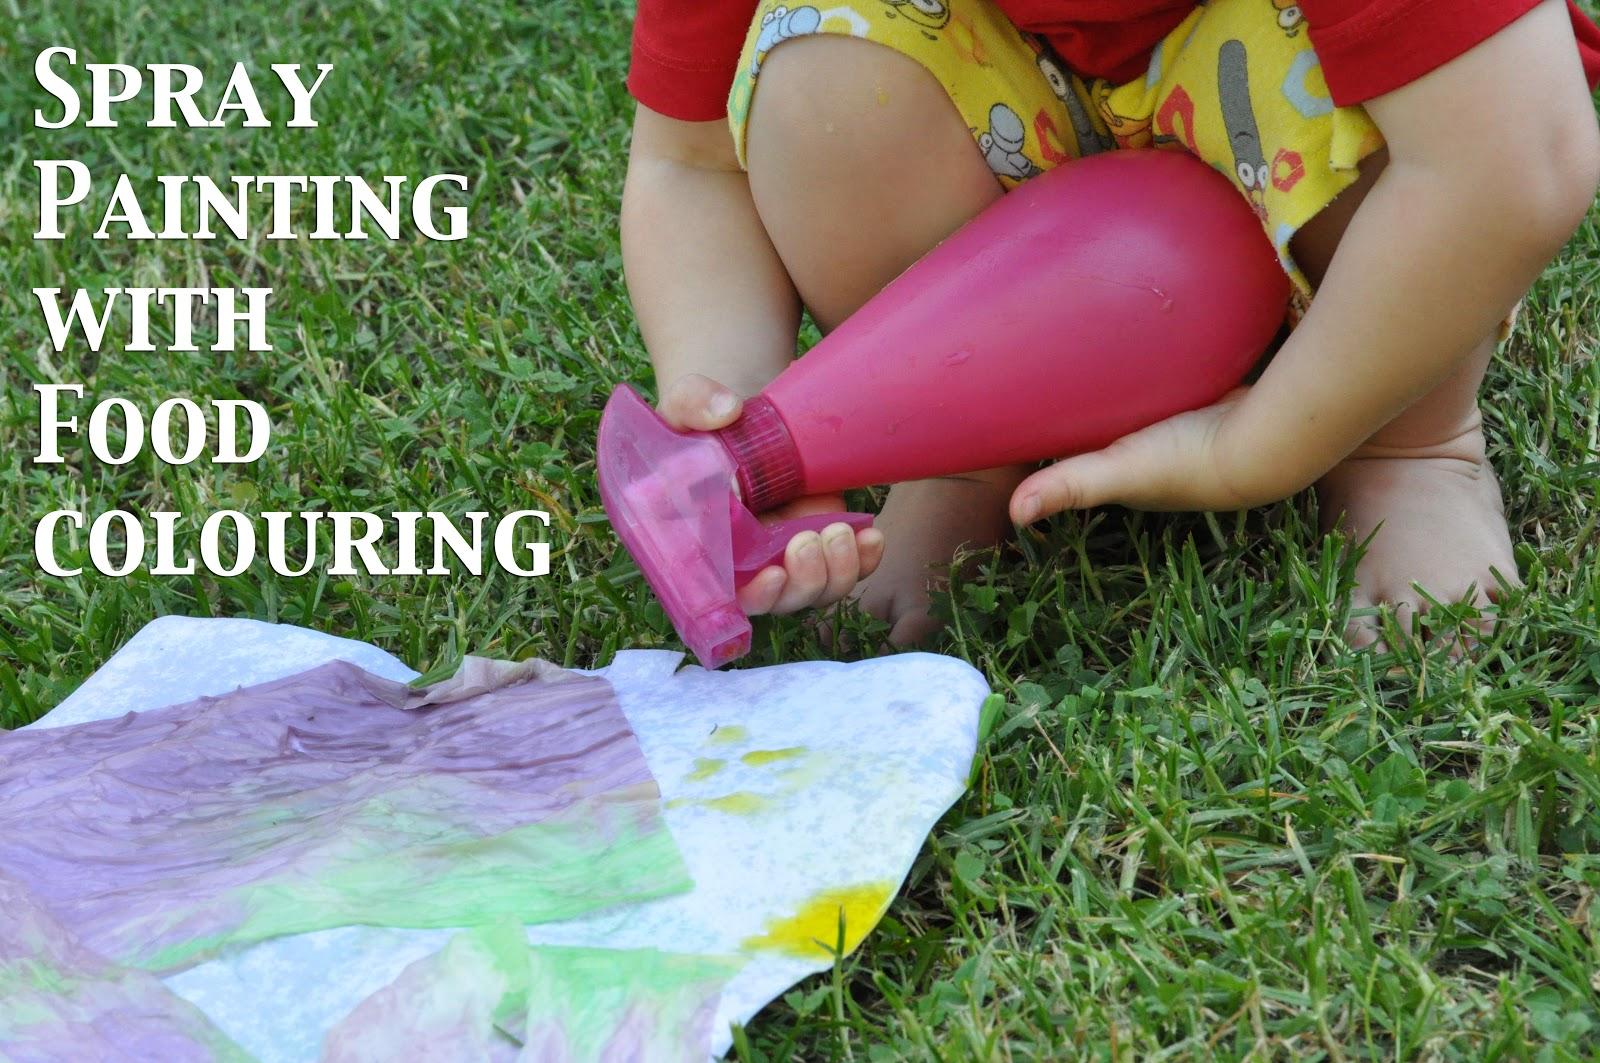 http://3.bp.blogspot.com/-E3y8l5uYX1k/UQoVtpjuUqI/AAAAAAAAEKA/pwSWRNNo15Q/s1600/spray+painting+with+water.jpg